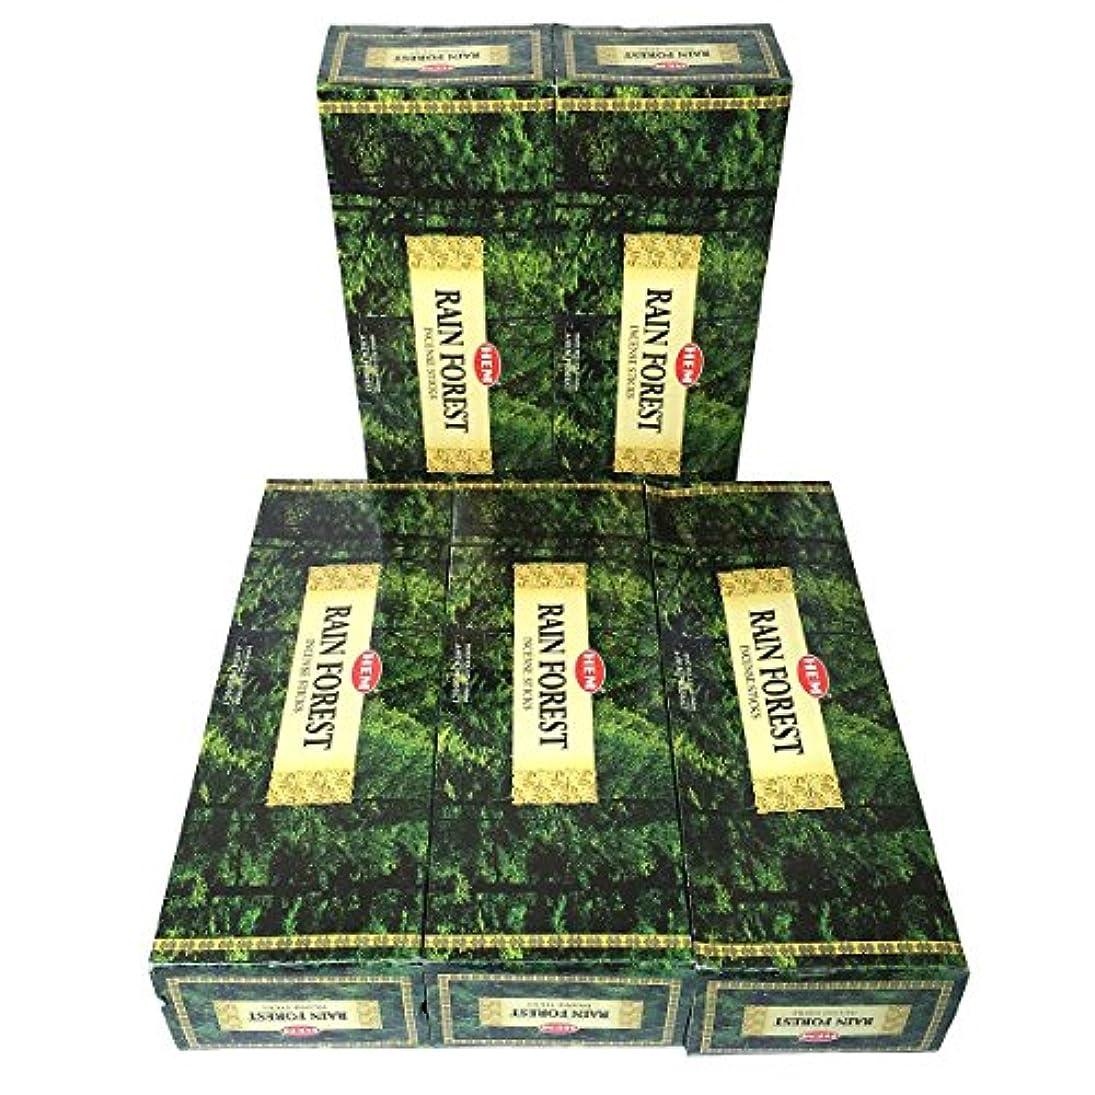 感じ不実ブランド名HEM レインフォレスト香 スティック 5BOX(30箱)/HEM RAIN FOREST/ インド香 / 送料無料 [並行輸入品]